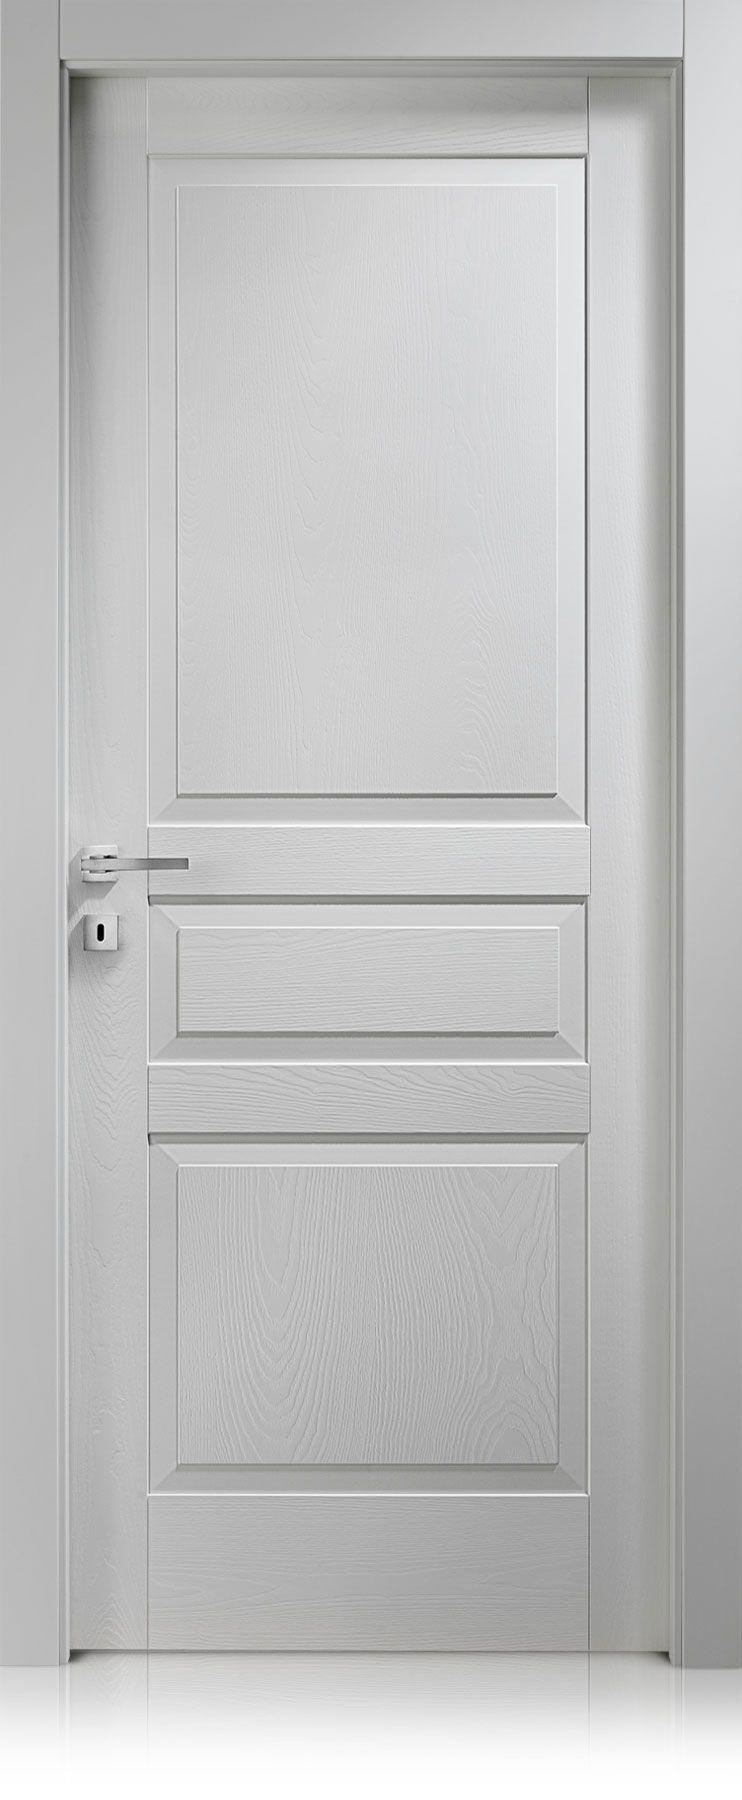 Porte Bianche Laccate Prezzi sea the light (con immagini) | porte laccate bianche, porte